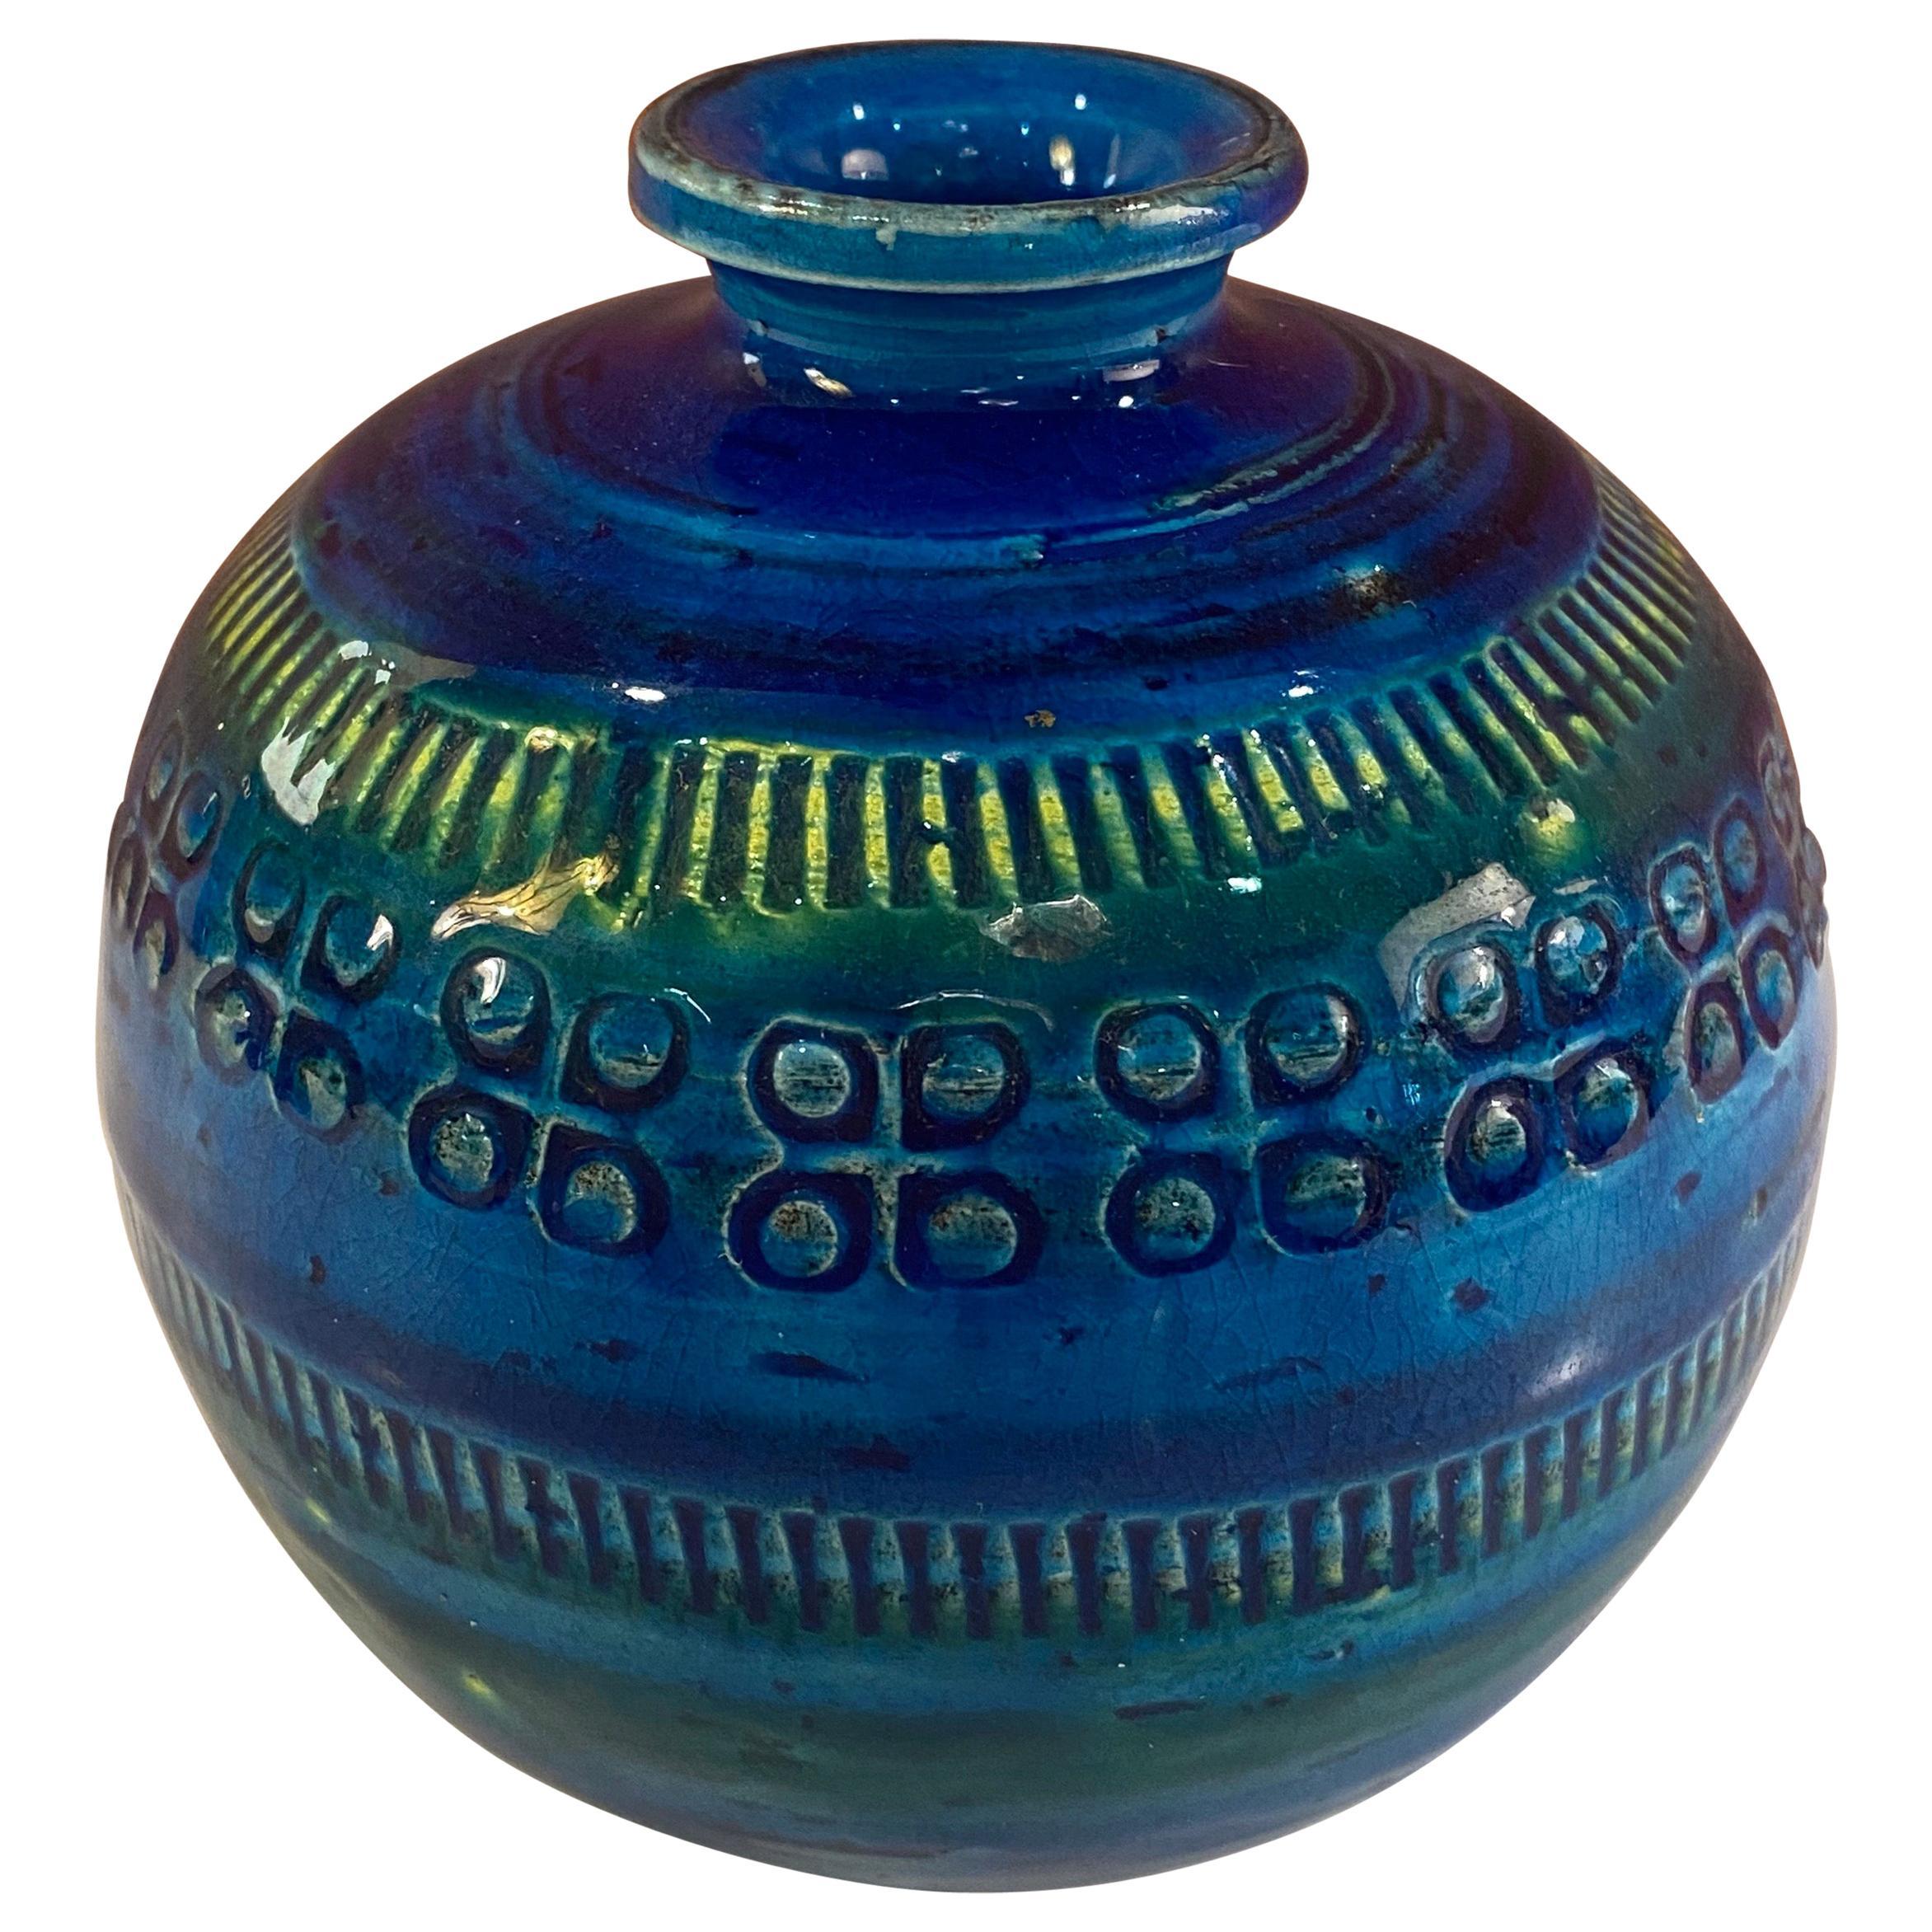 Aldo Londi for Bitossi Round Vase in Rimini Blue